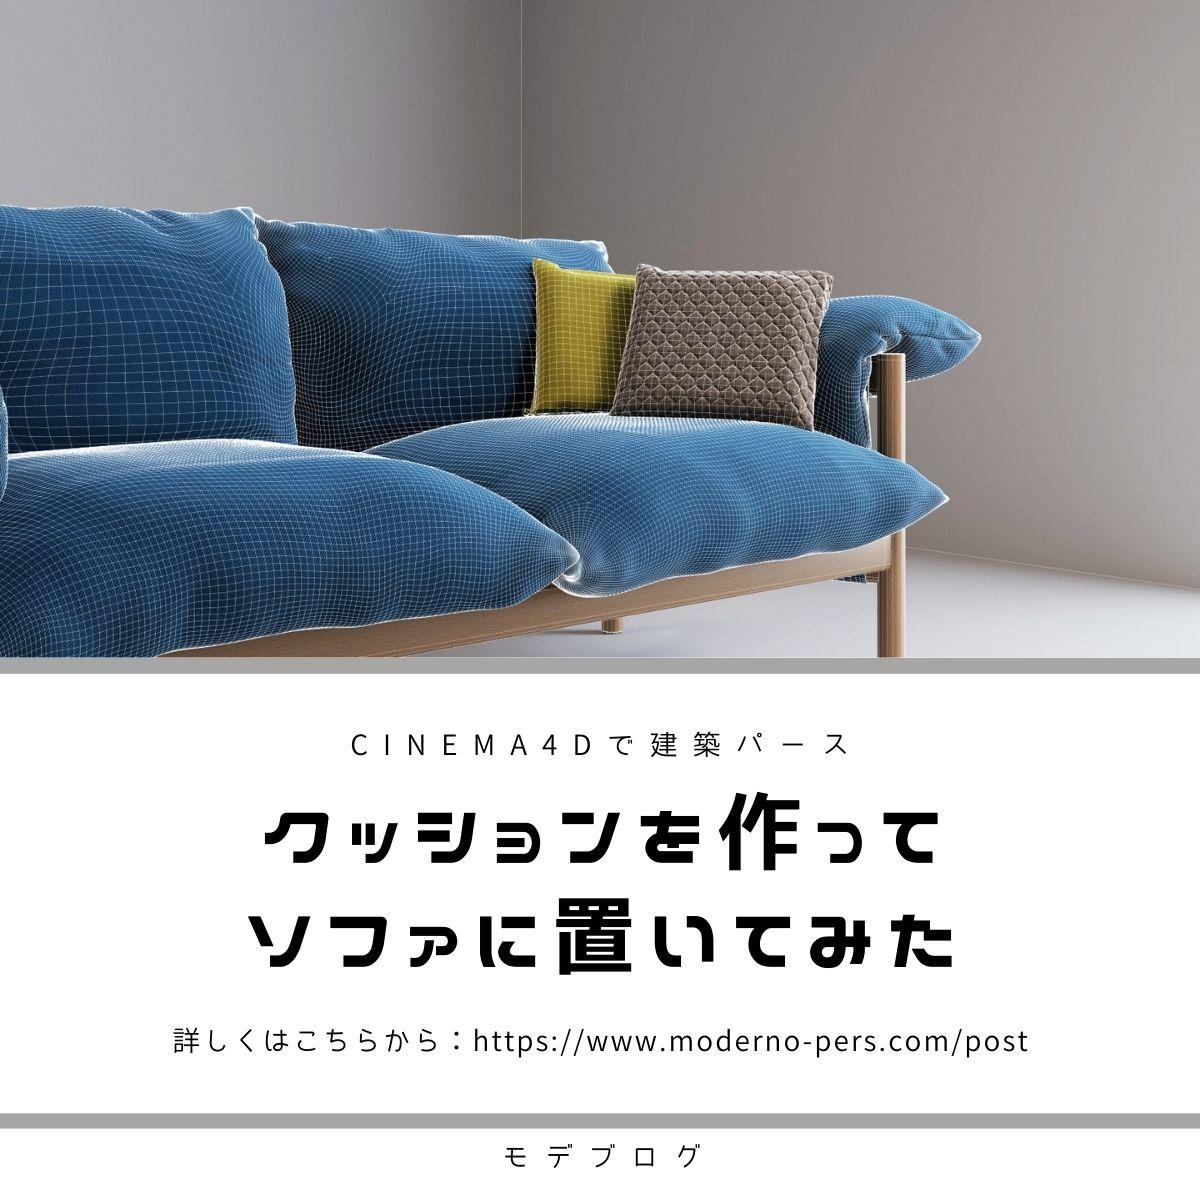 Cinema4Dで建築パース・クッションを作ってソファに置いてみた